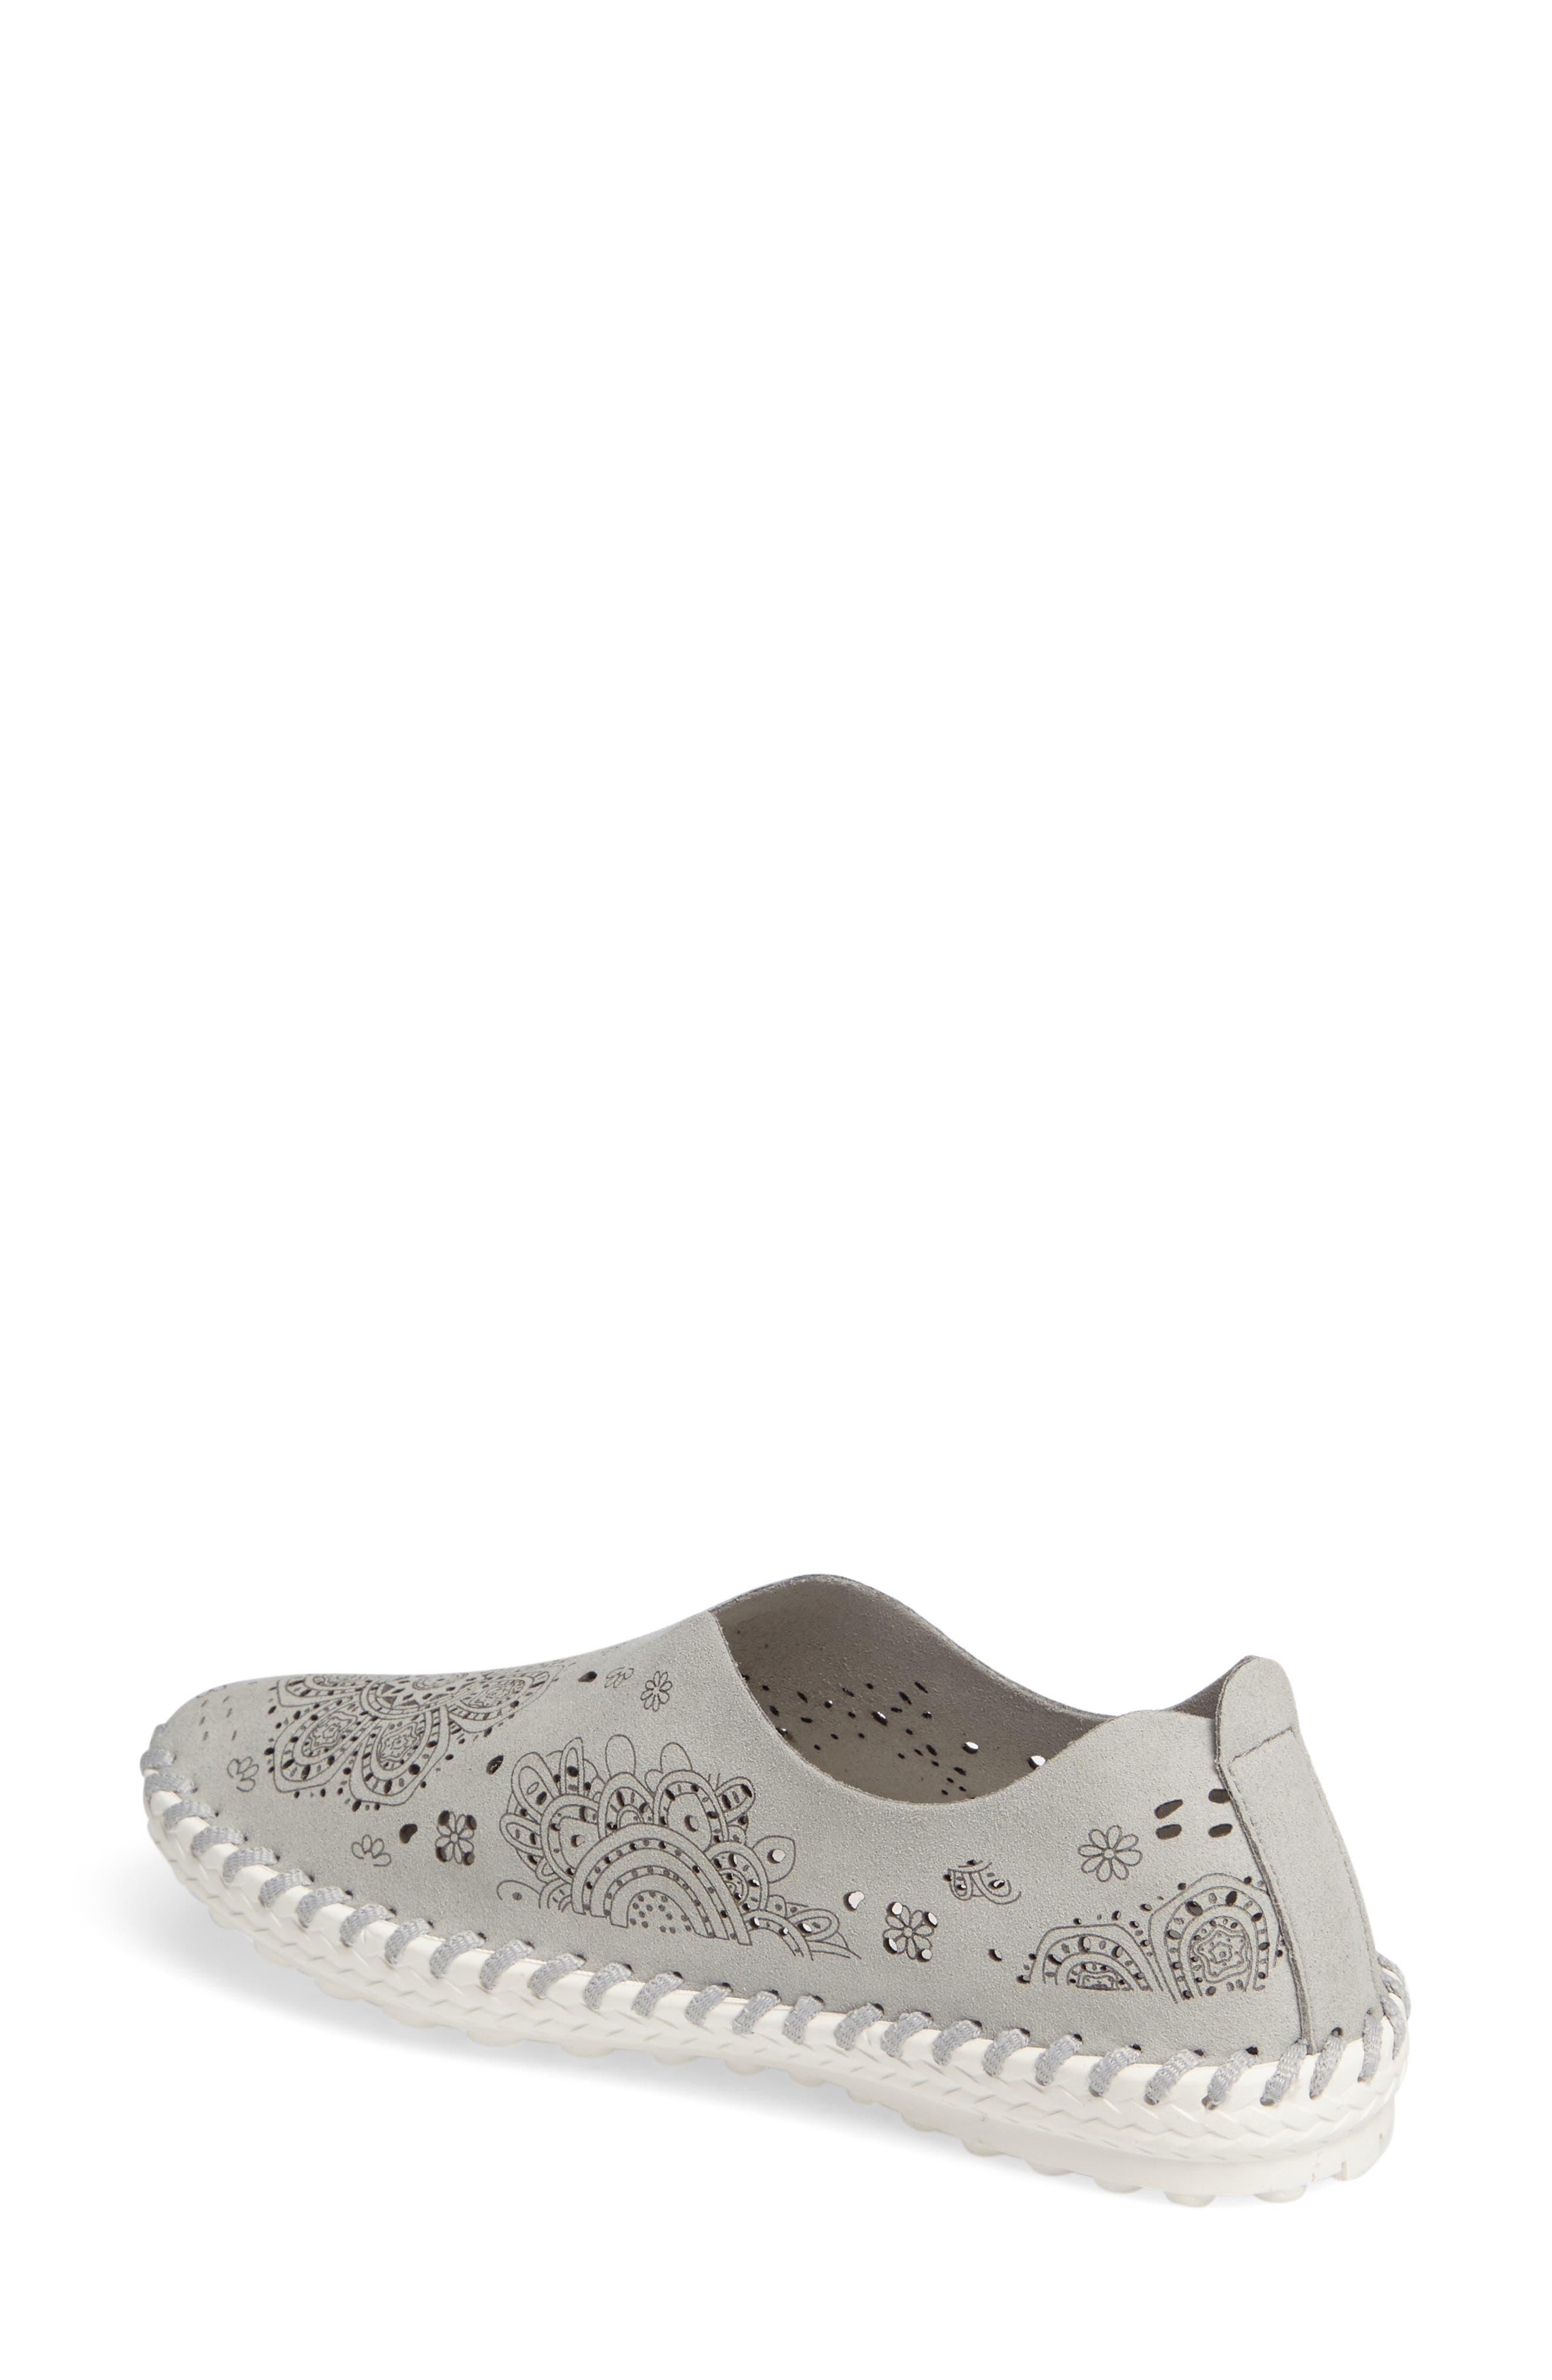 TW09 Slip-On Sneaker,                             Alternate thumbnail 2, color,                             Light Grey Leather